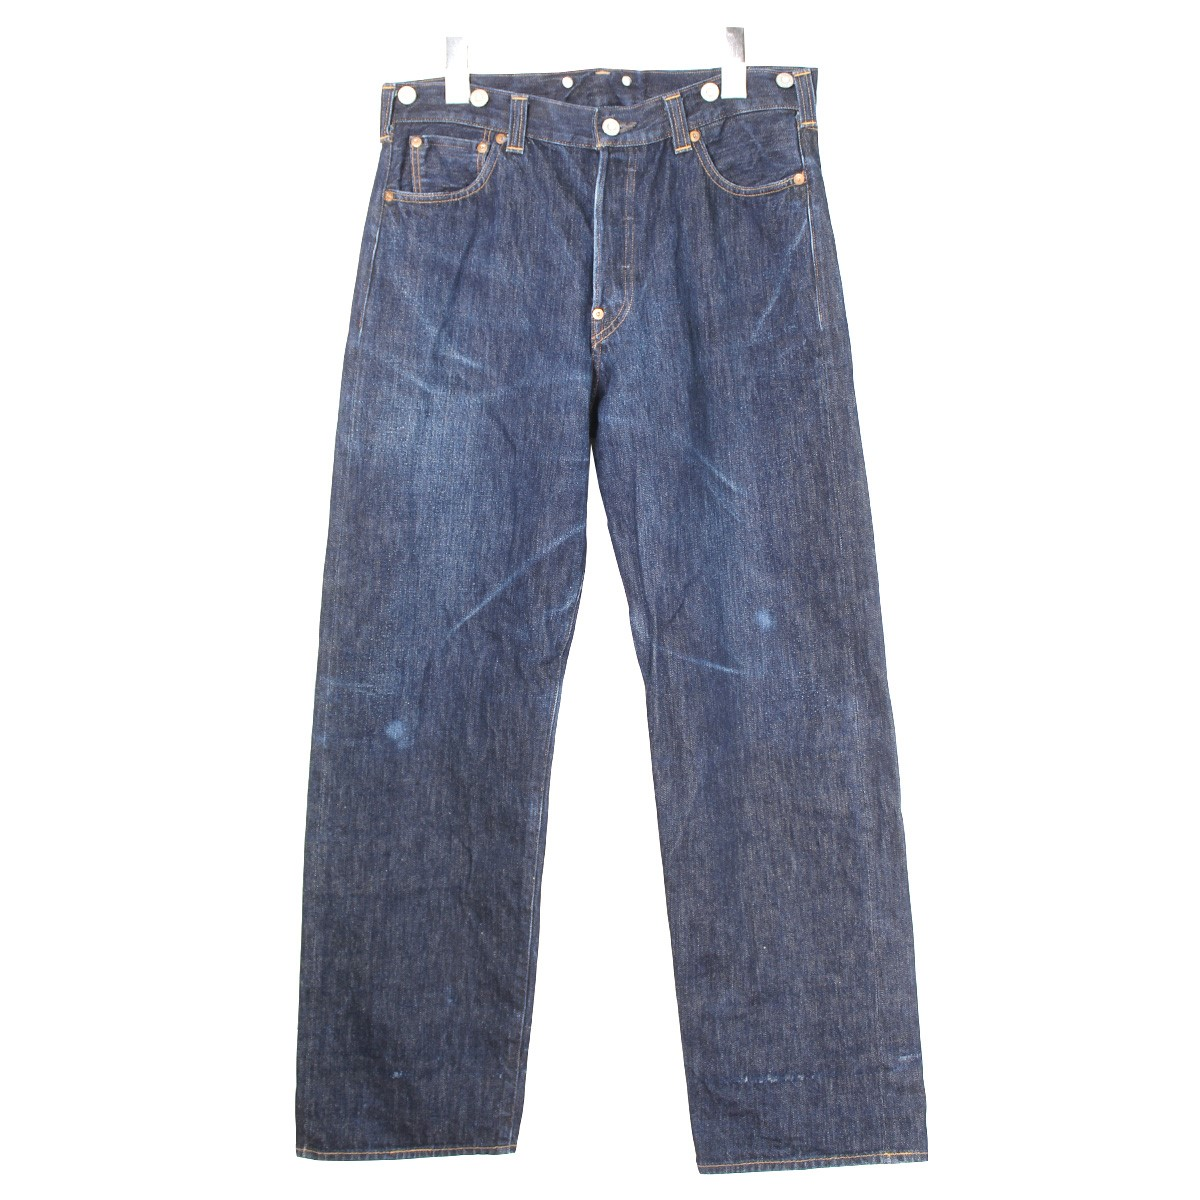 【12月30日 お値段見直しました】【中古】Levi's Vintage Clothing1922年モデル 501XX リジッドデニムパンツ インディゴ サイズ:32×32